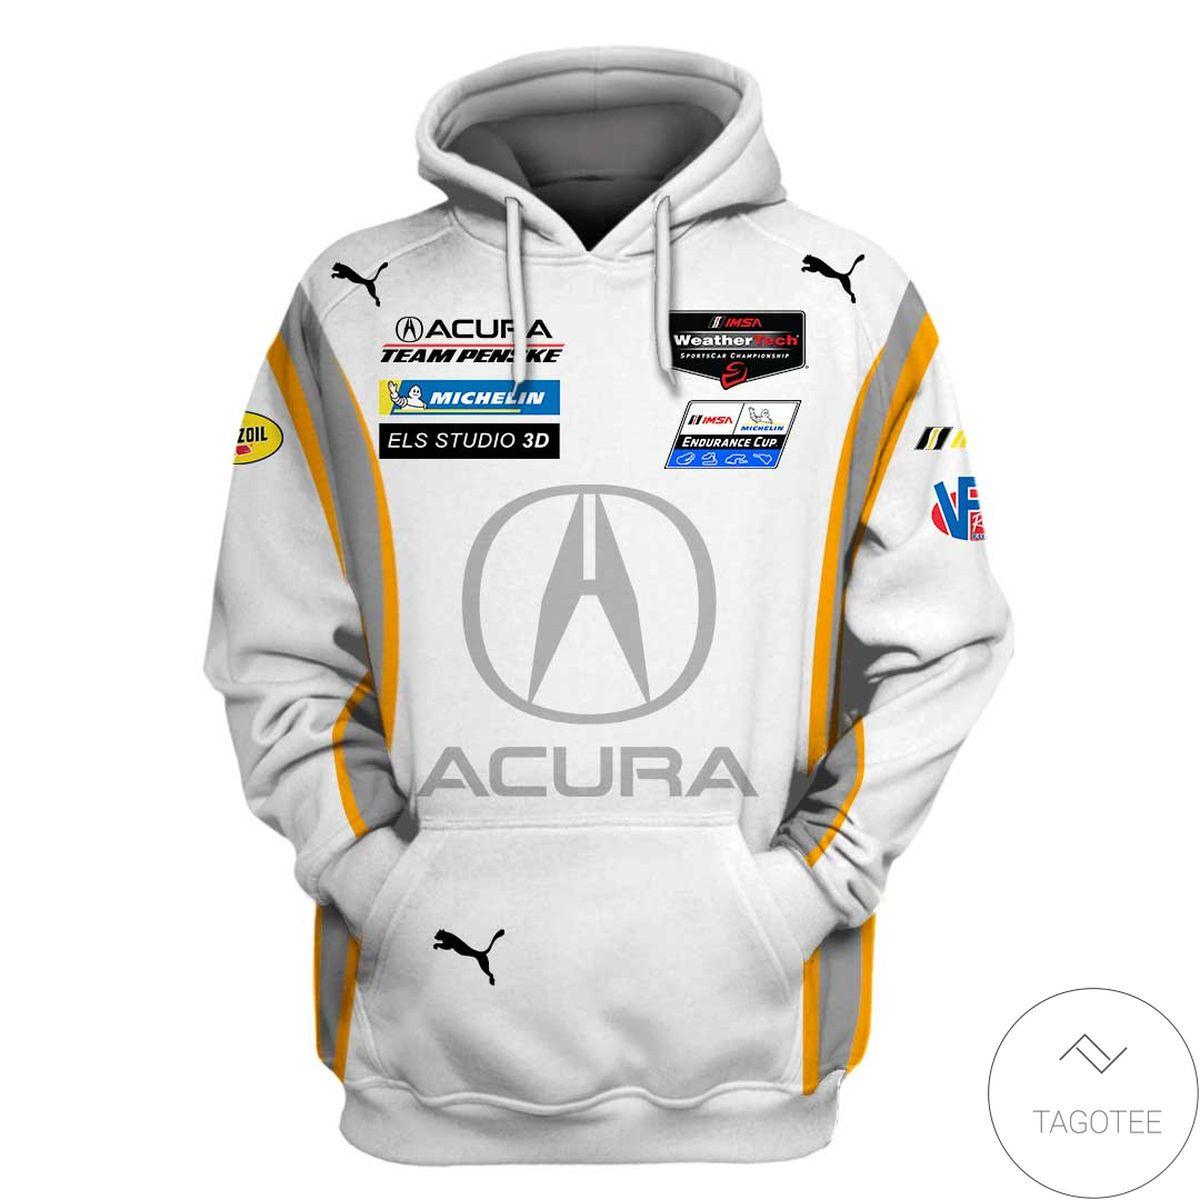 Acura Rallying Branded Unisex Racing Car  3d Hoodie